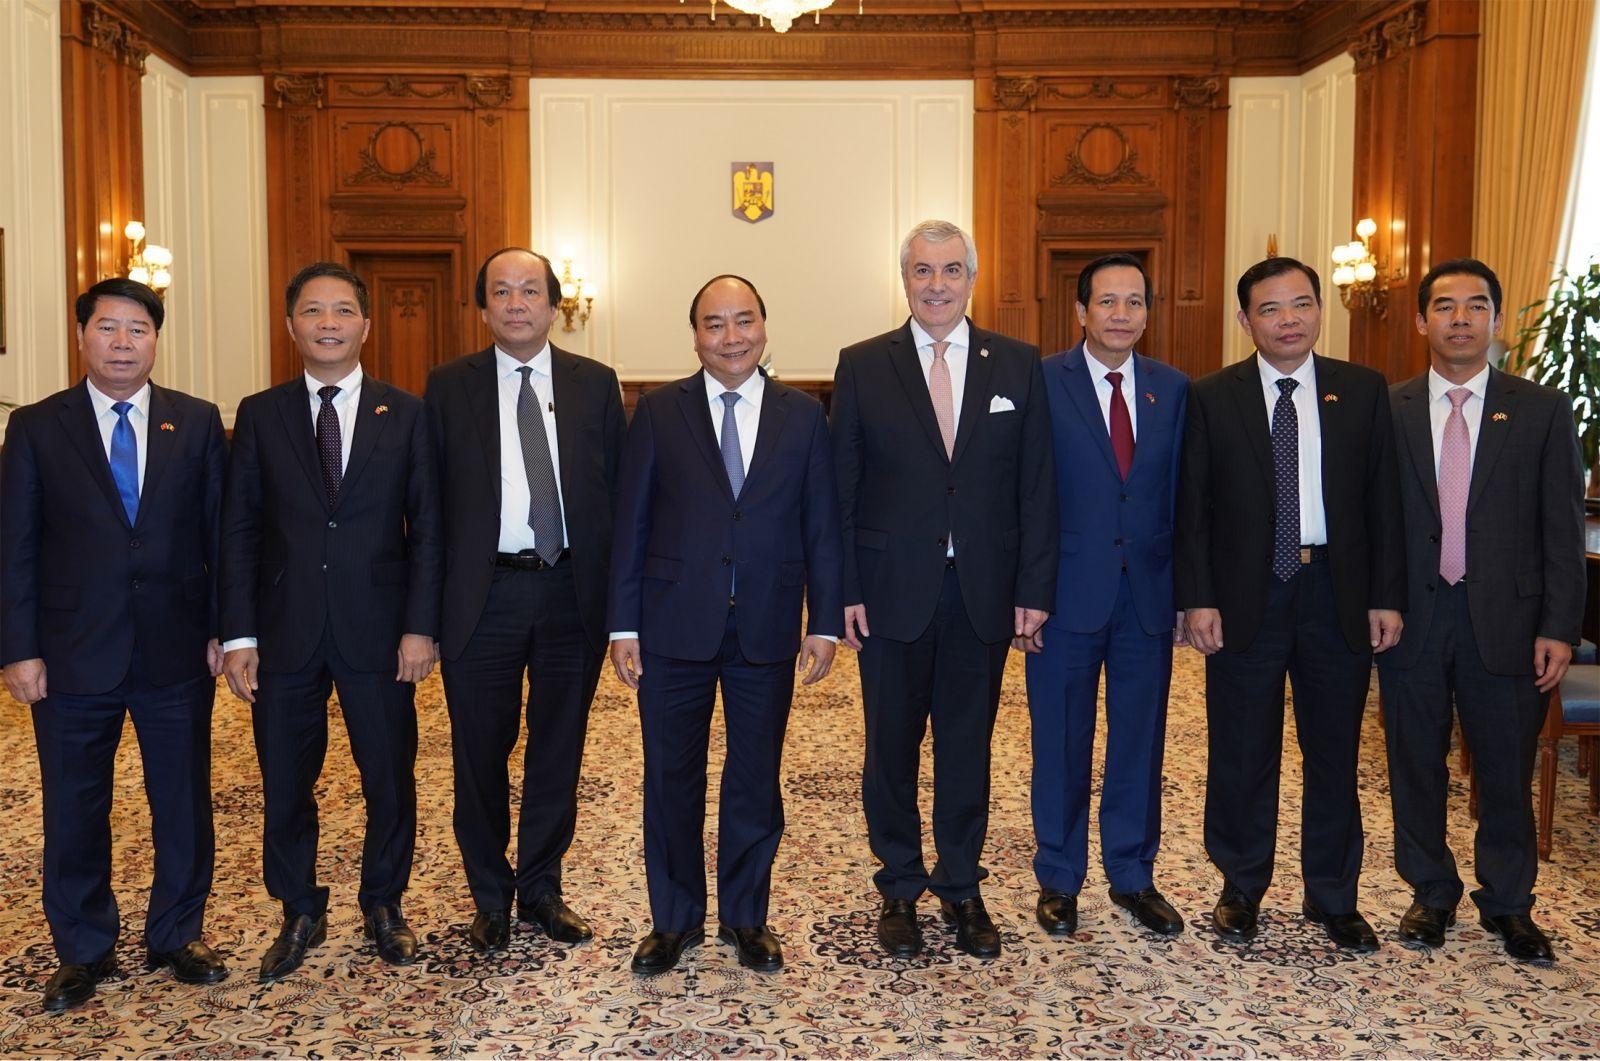 Tổng thống Cộng hòa Séc Milos Zeman đón Đoàn đại biểu cấp cao Chính phủ Việt Nam do Thủ tướng Nguyễn Xuân Phúc dẫn sang thăm, làm việc tại Cộng hòa Séc. Ảnh: PT